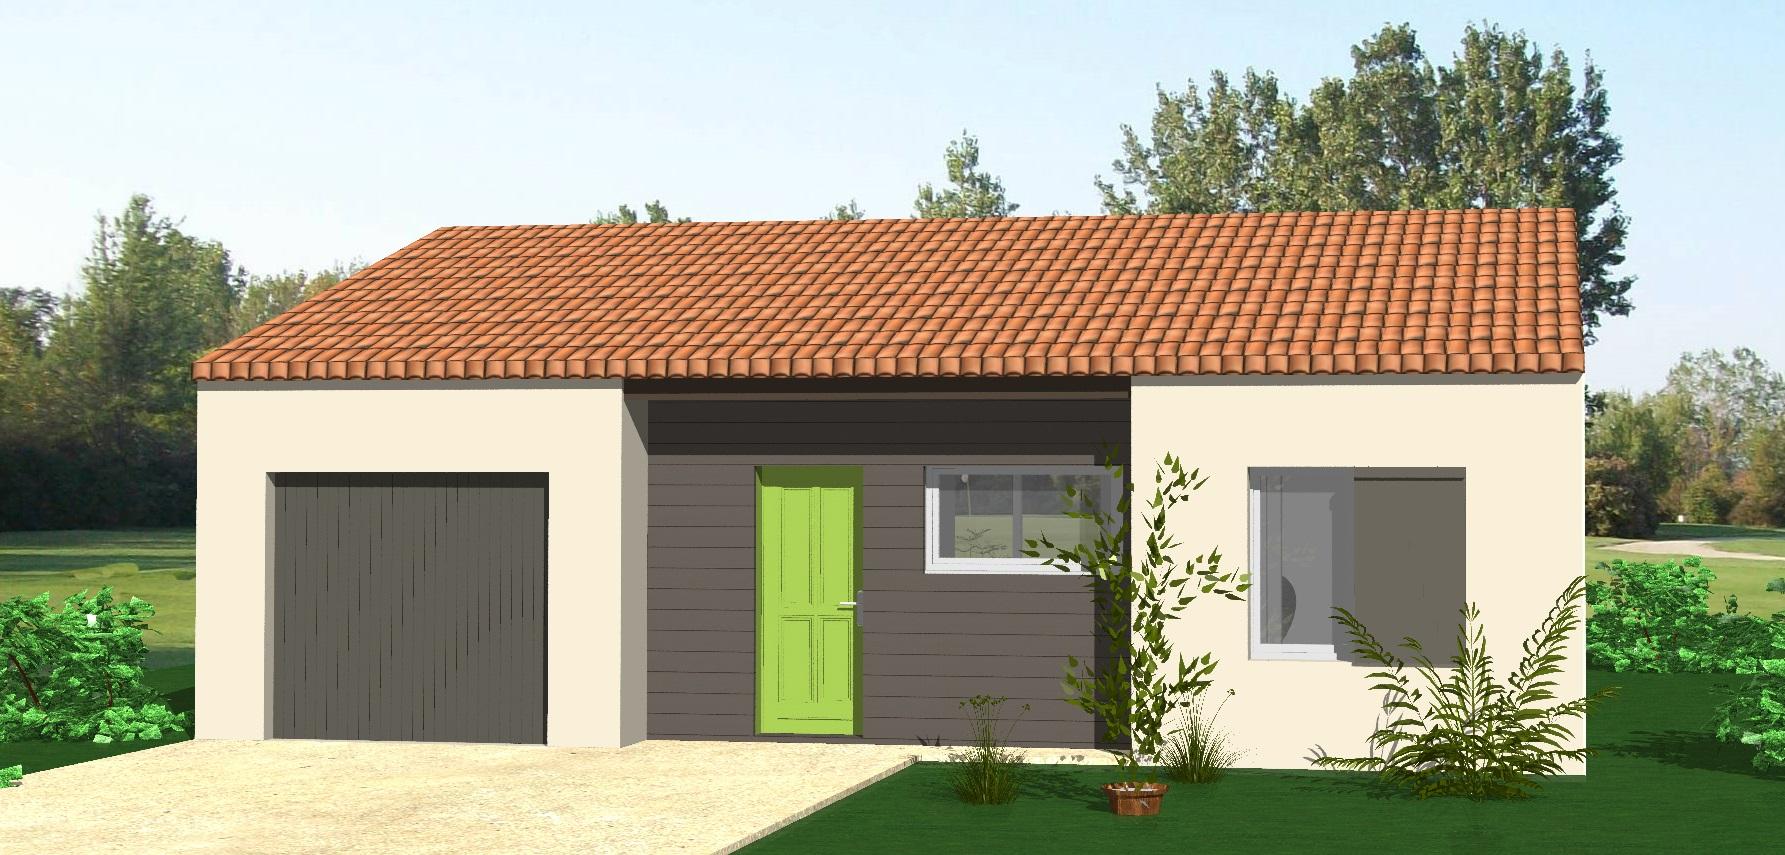 Maison cl en main 60000 euros maison moderne for Maison en bois cle en main